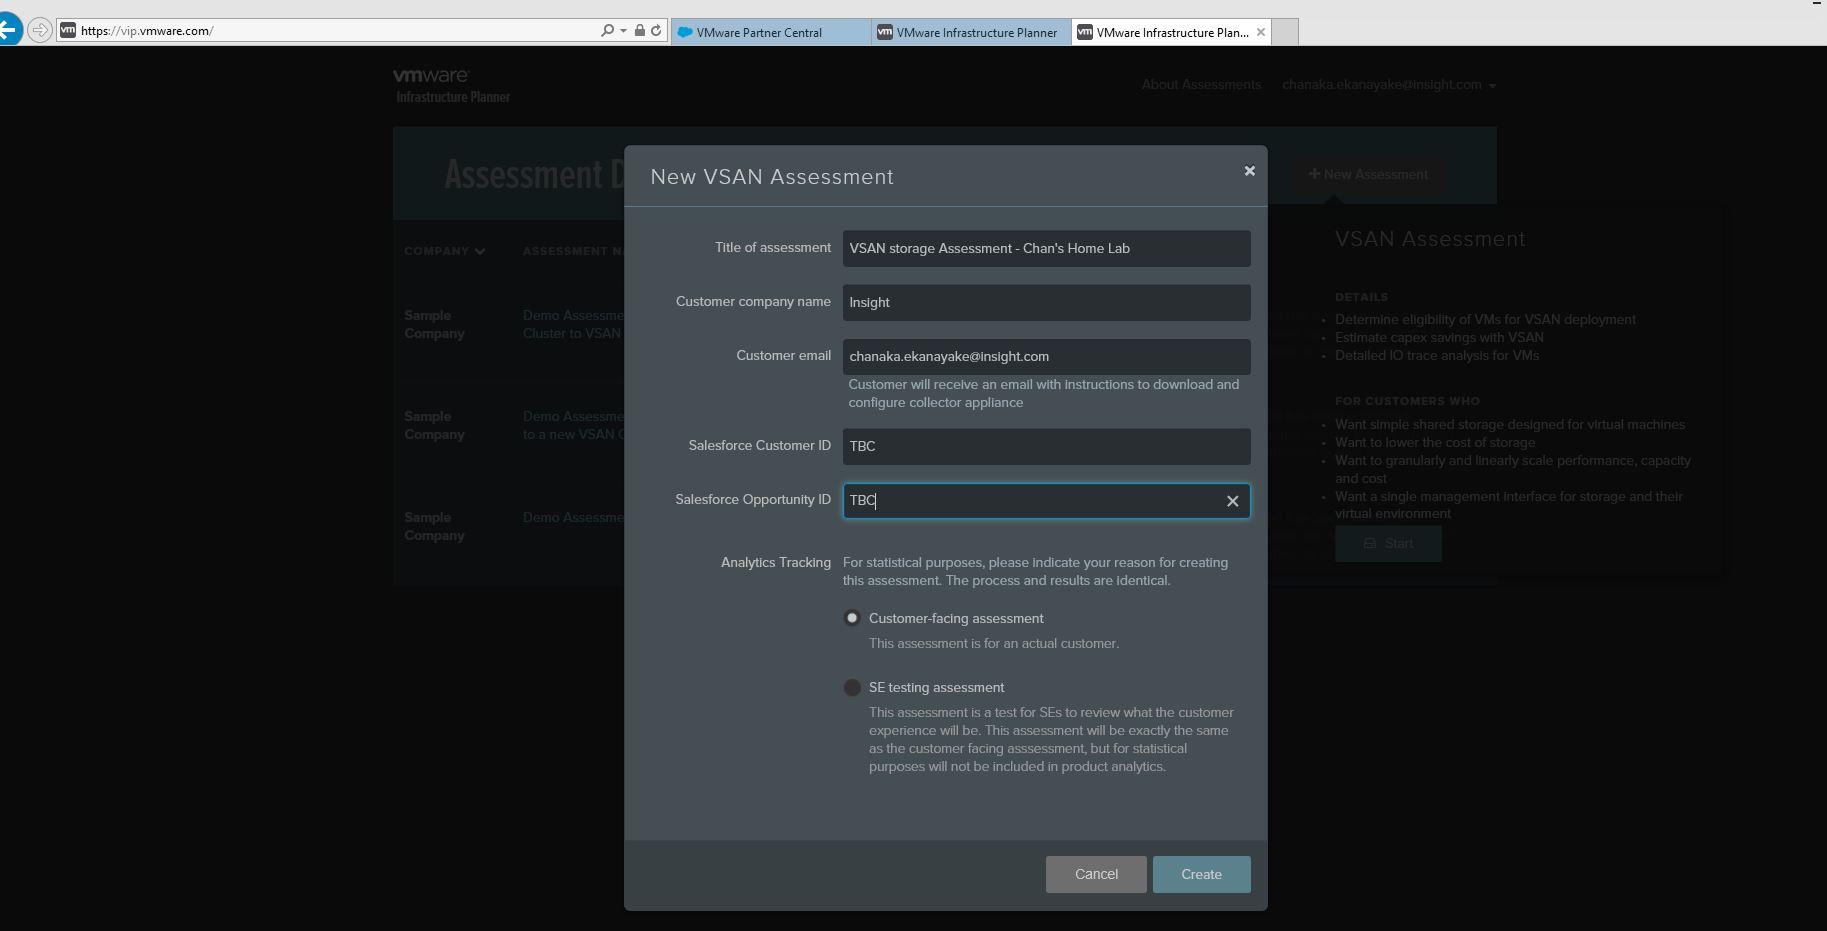 VMware VSAN Assessment Tool – VMware Infrastructure Planner